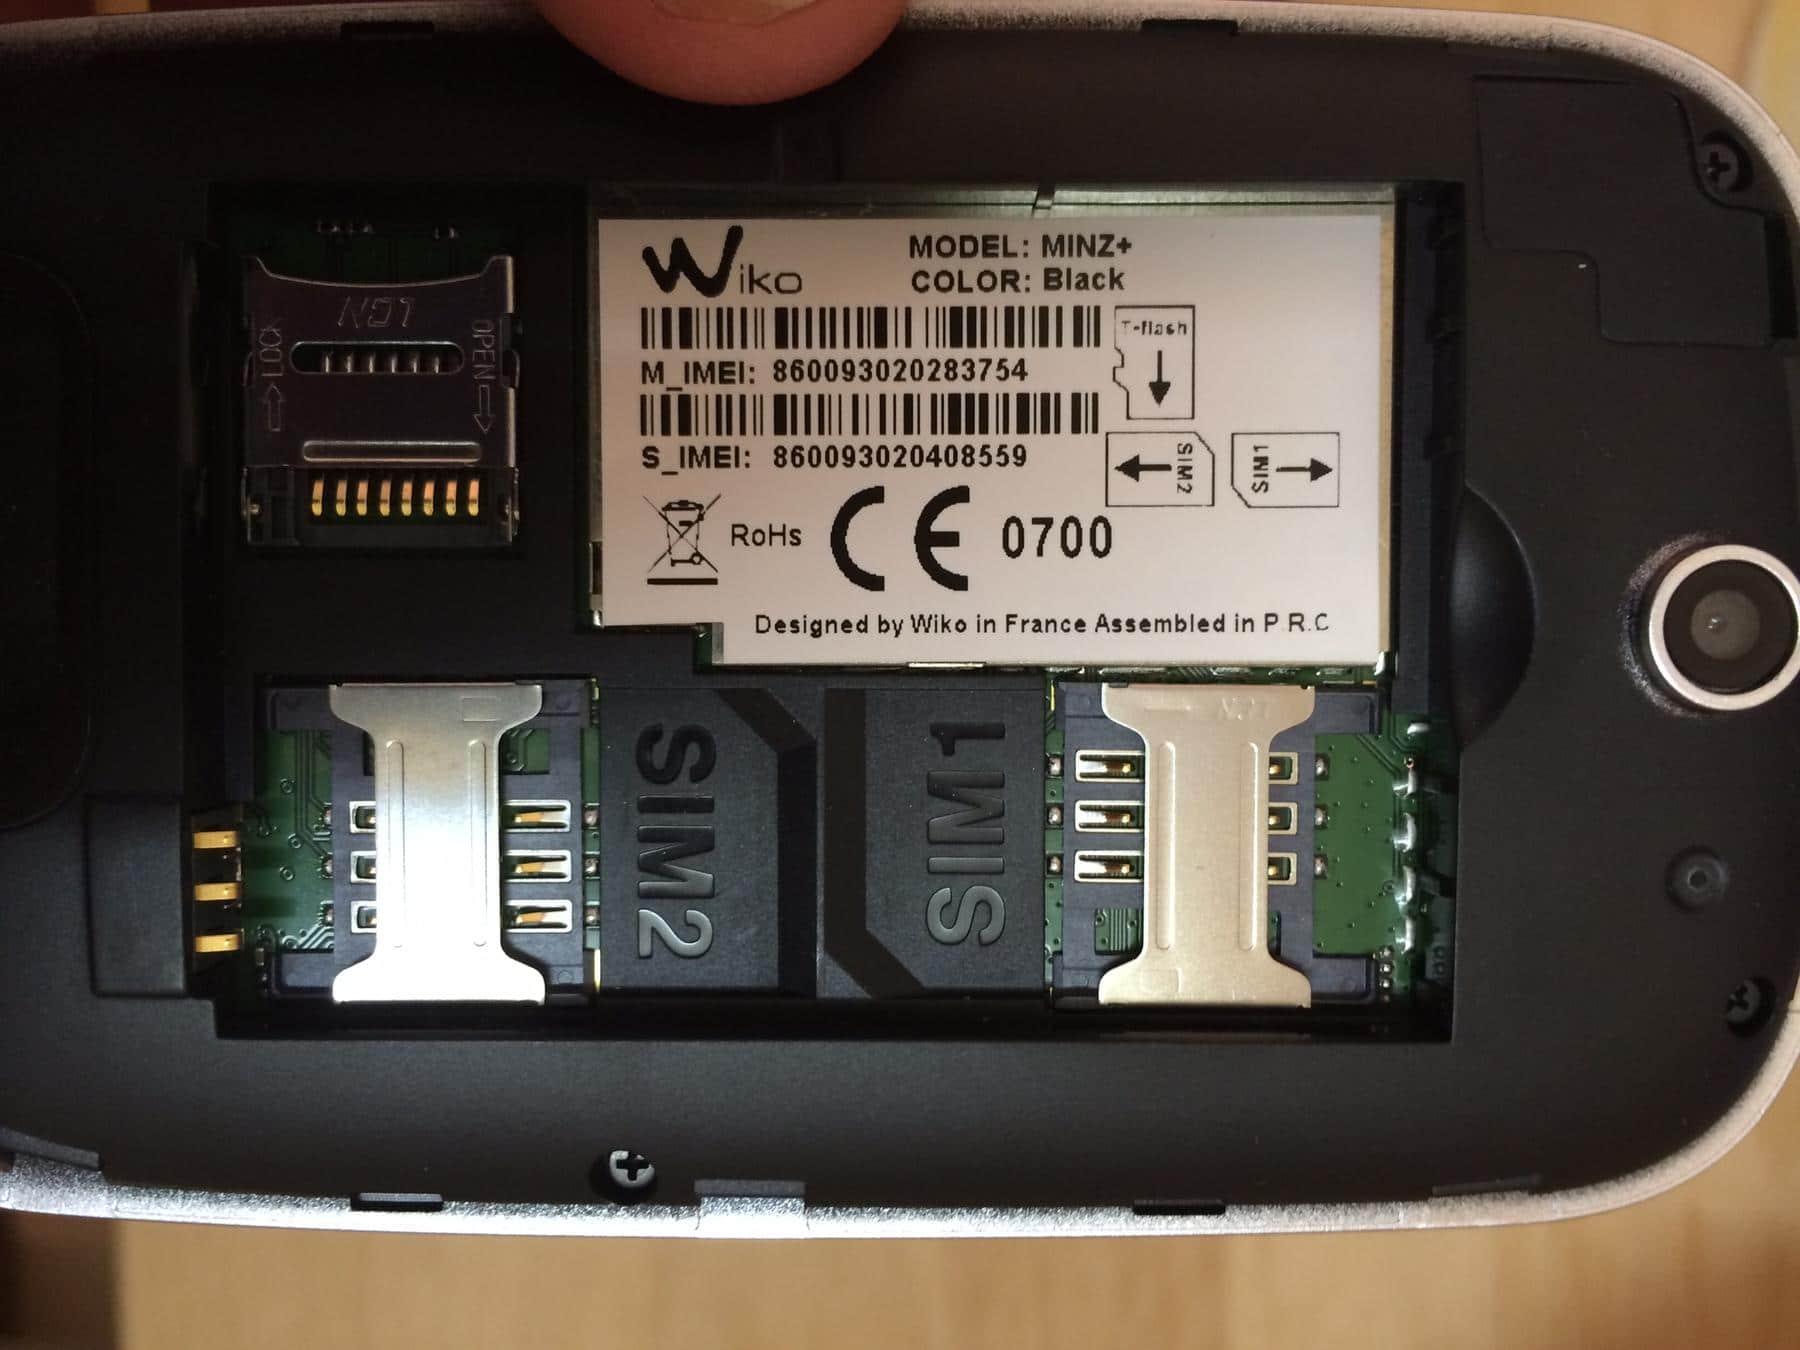 01cb5dc7d2e0abfadede7395f5a01d908a50843ca0 Test du Wiko Minz+, un BlackBerry-like vraiment pas cher